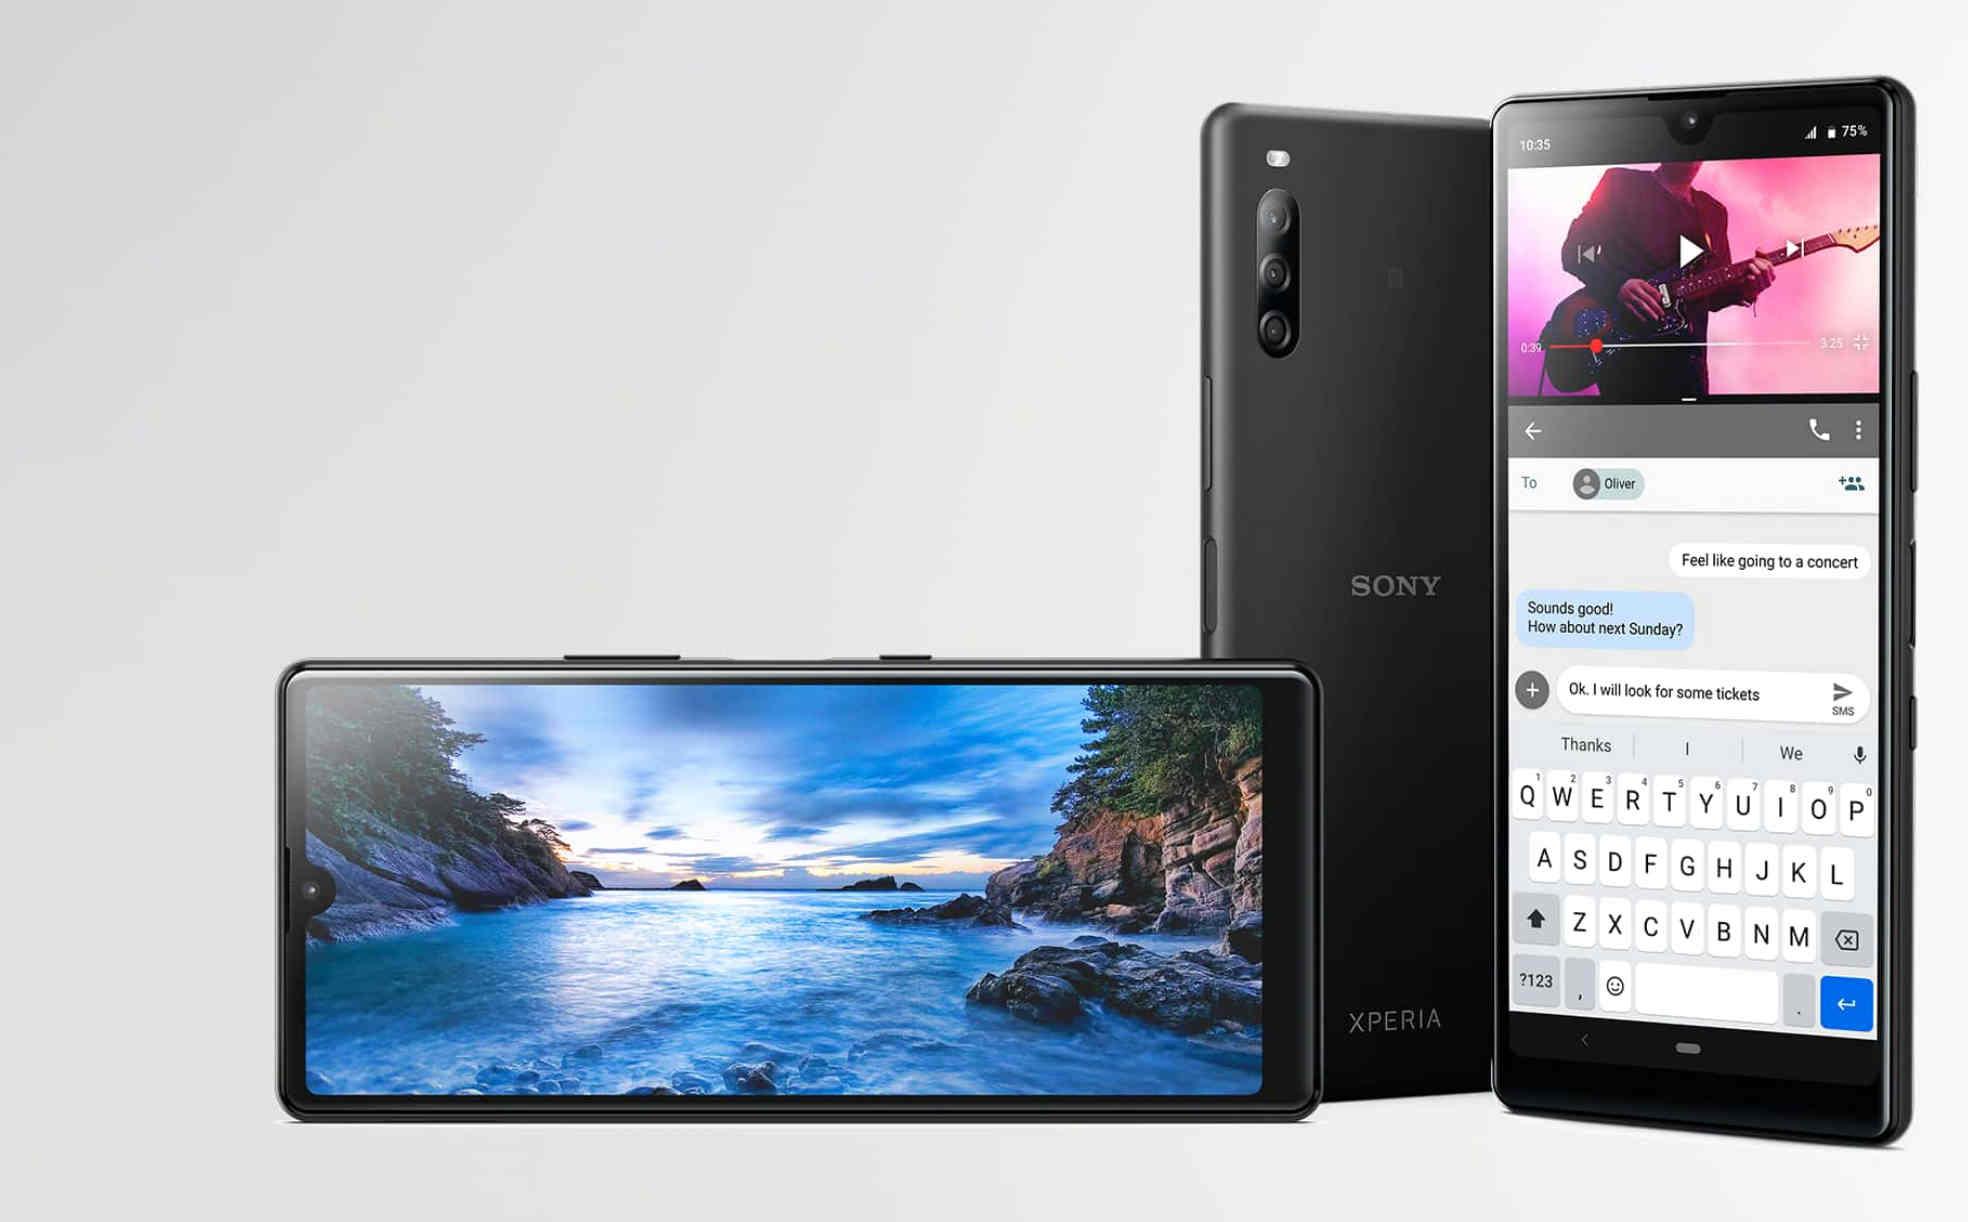 """Sony ra mắt điện thoại đầu tiên có màn hình """"giọt nước"""", cấu hình thua Vsmart Joy 3"""